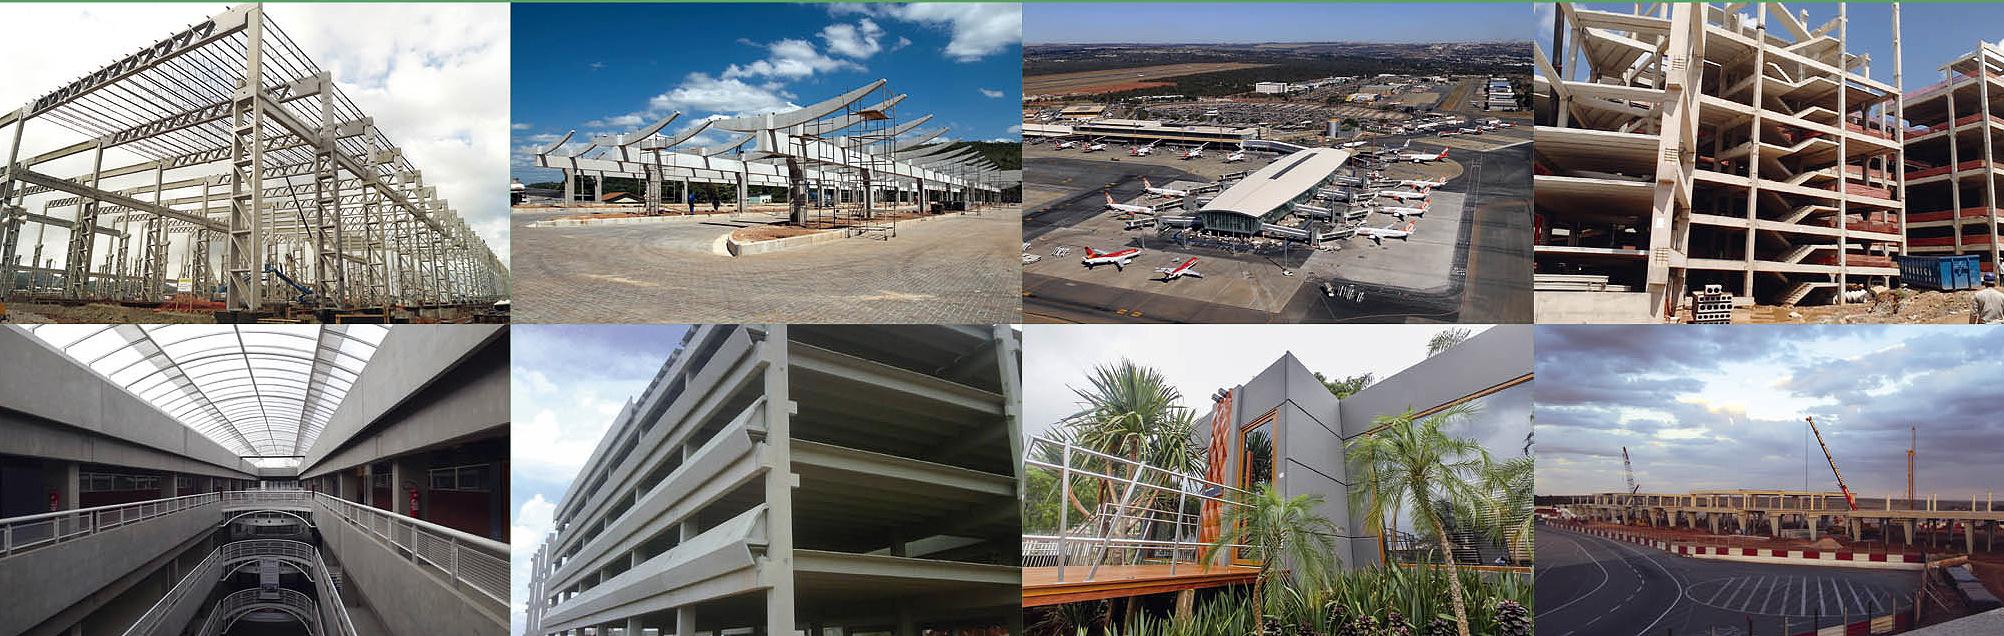 Em 2014, construção industrializada consumiu 407 mil toneladas de cimento e produziu 1,063 milhão de m³ em estruturas pré-moldadas